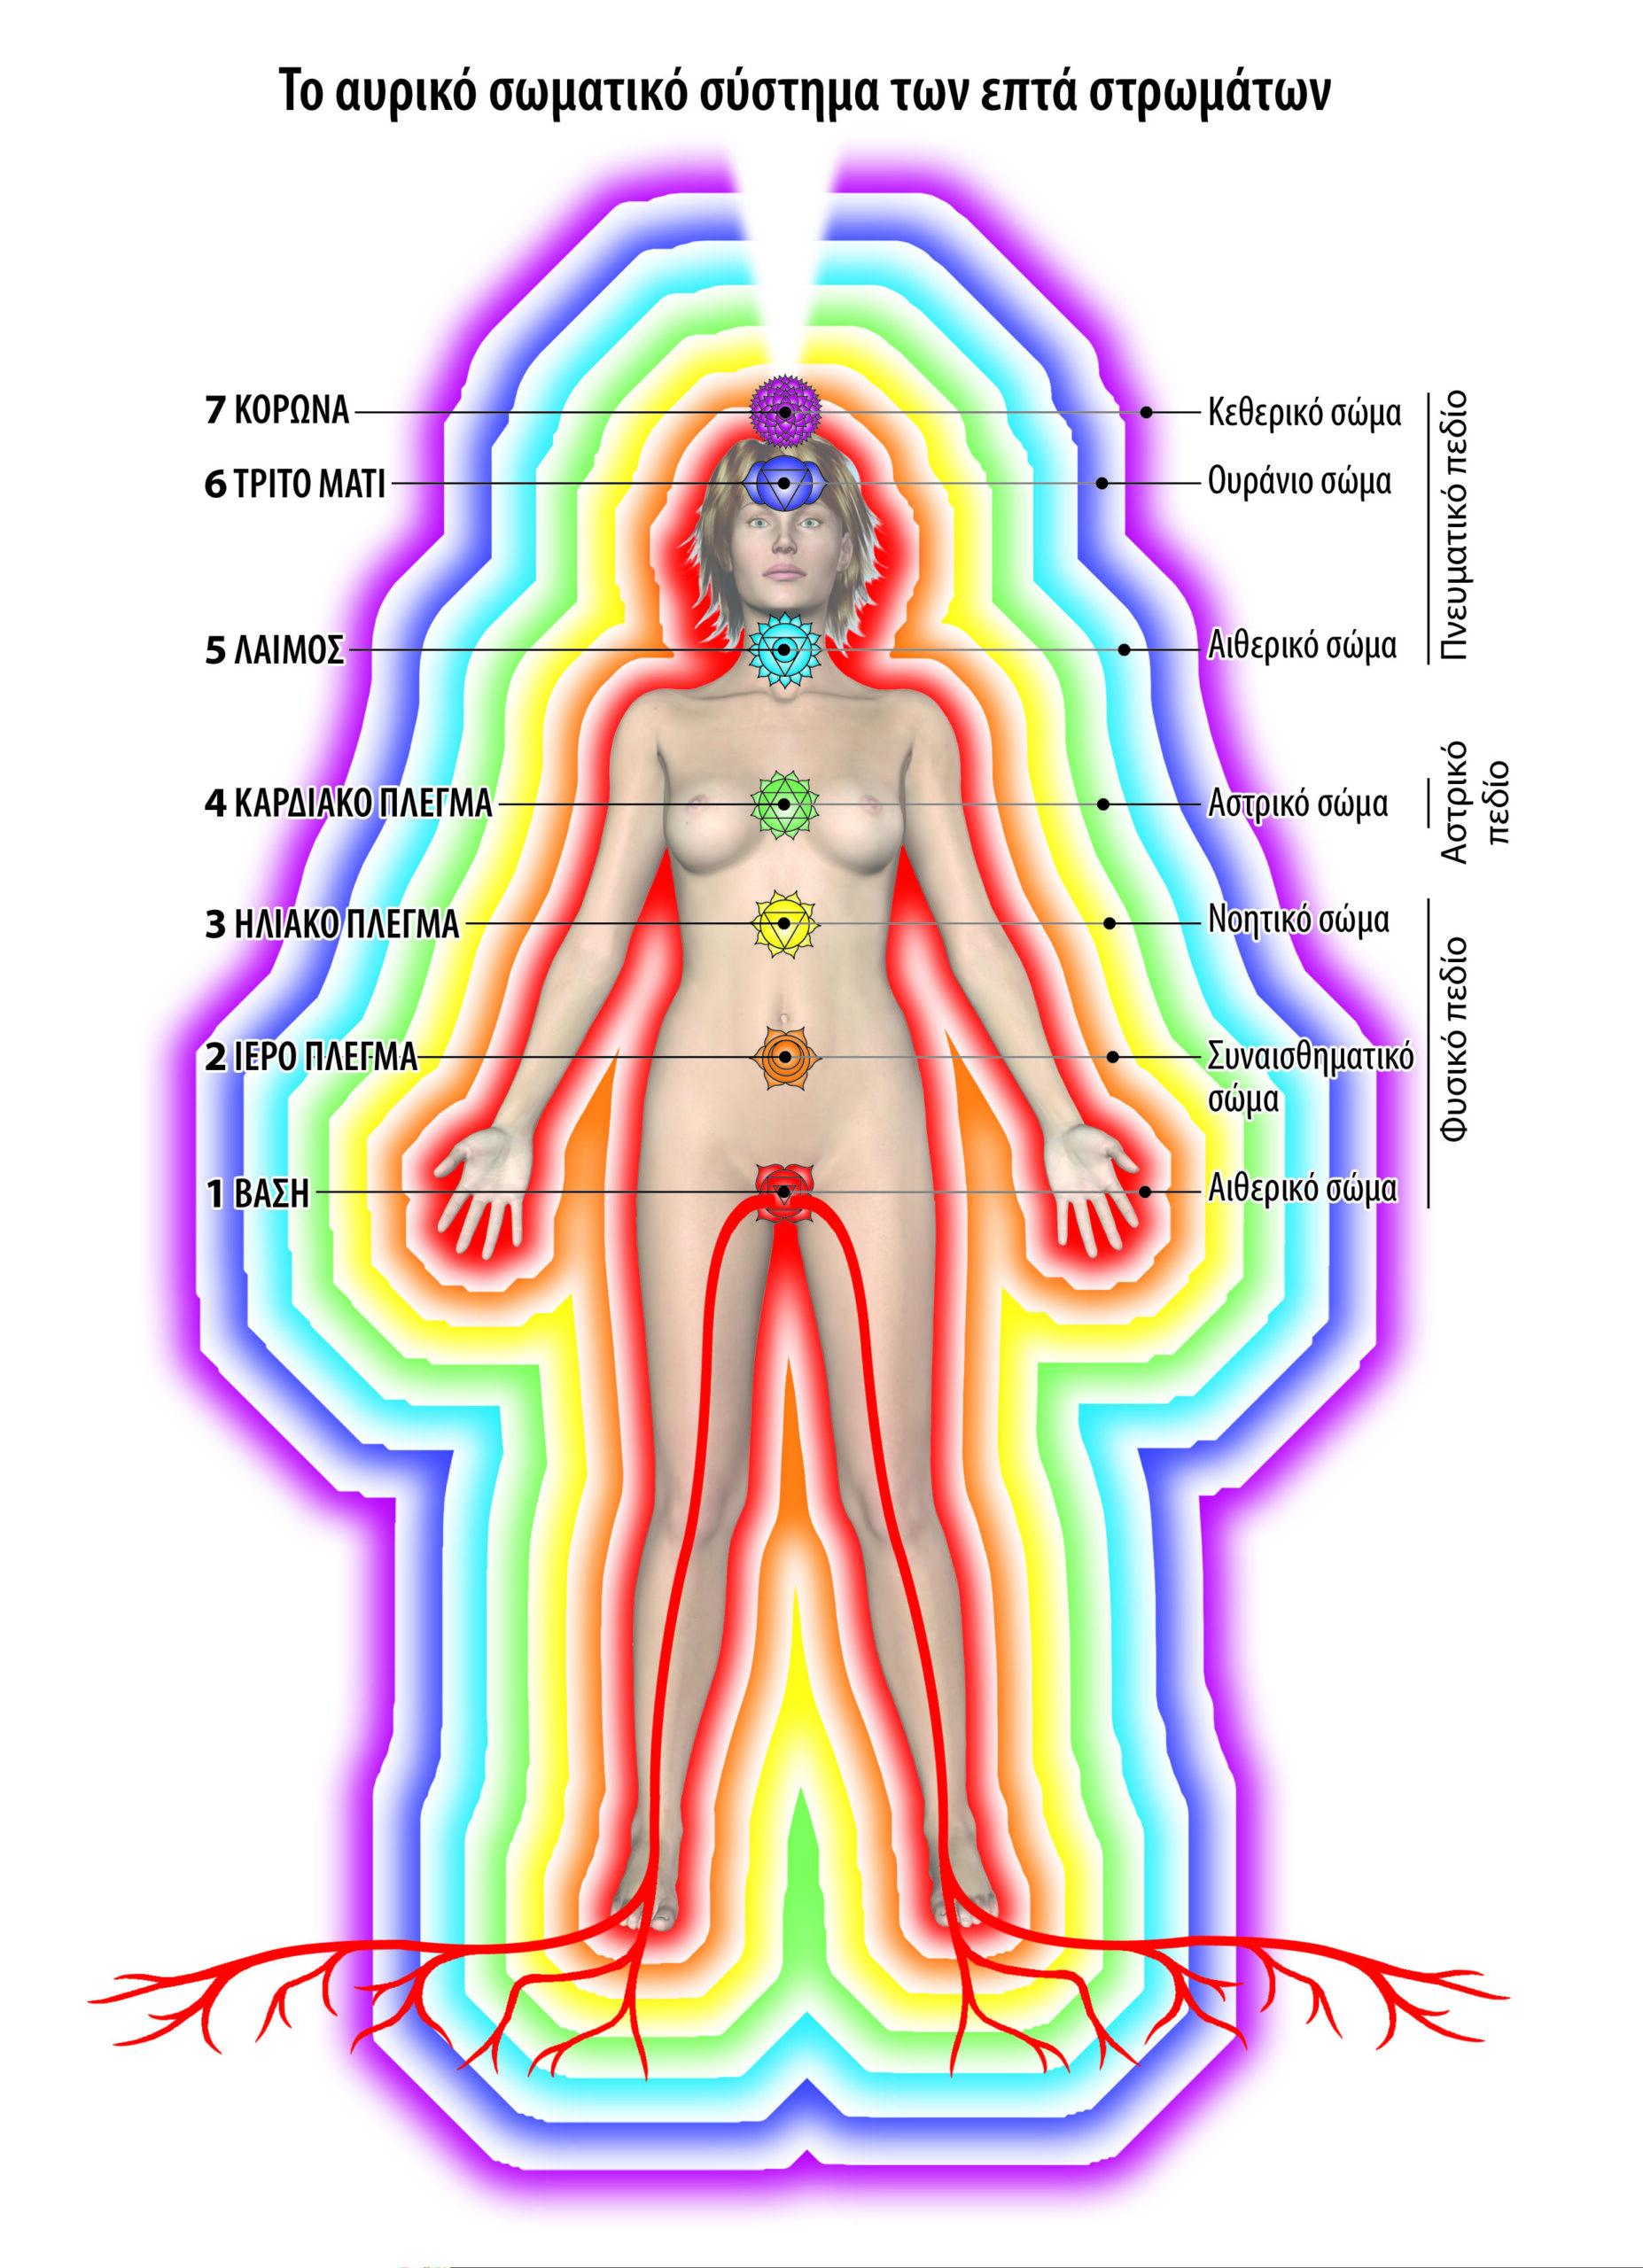 Αυτοθεραπεία από αιμορροΐδες ξεμπλοκάροντας τον μεσημβρινό του παχέος εντέρου 4